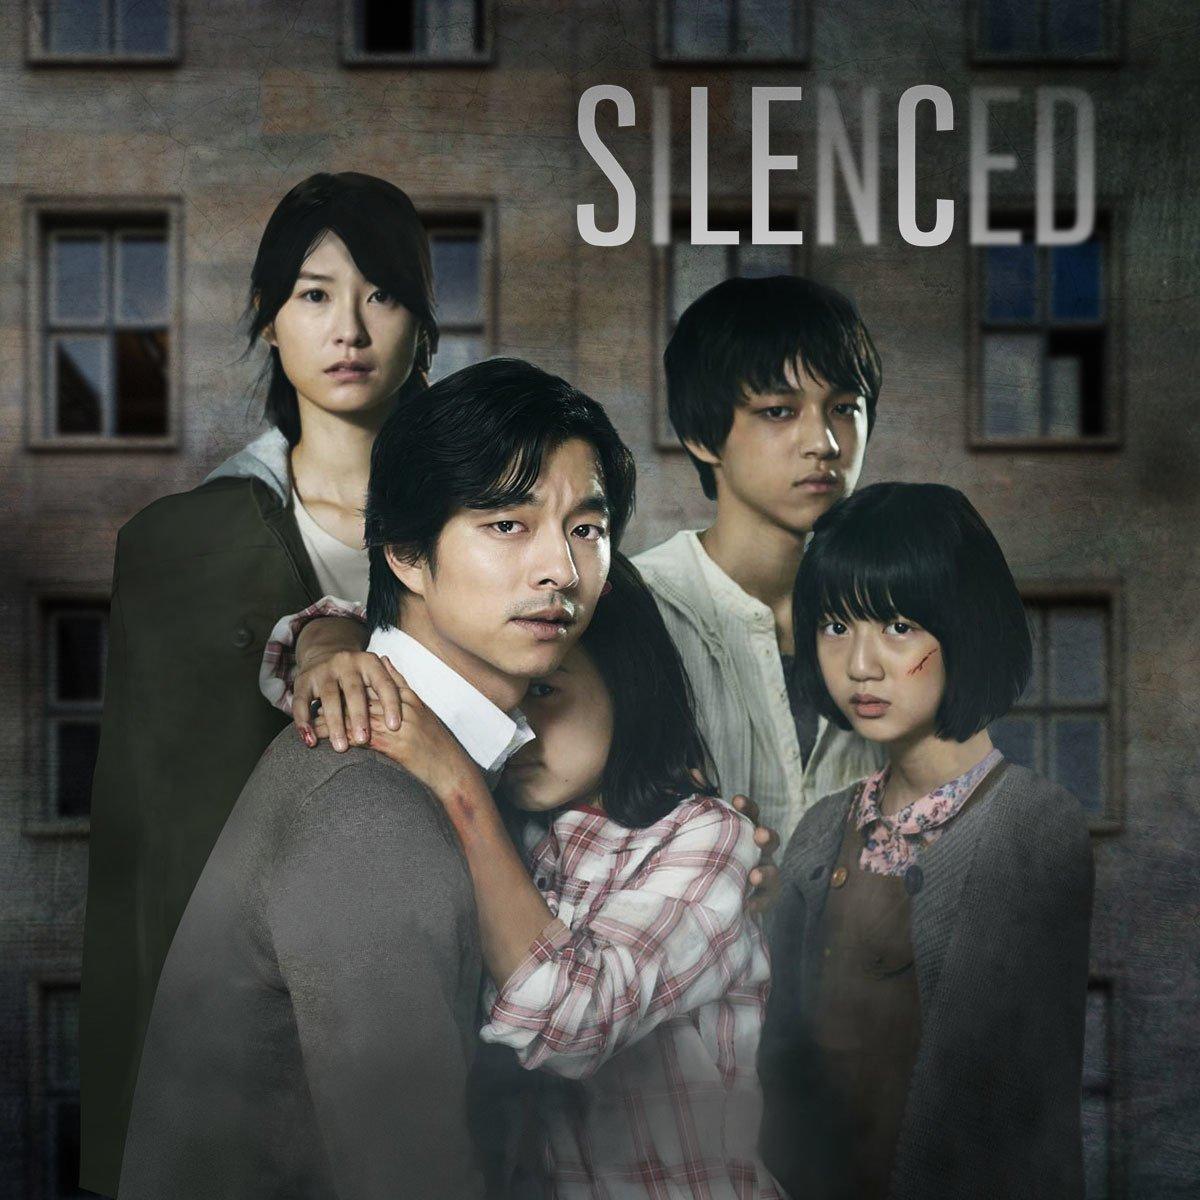 Movie Silenced , adaptasi kisah benar penderaan seksual pelajar pekak